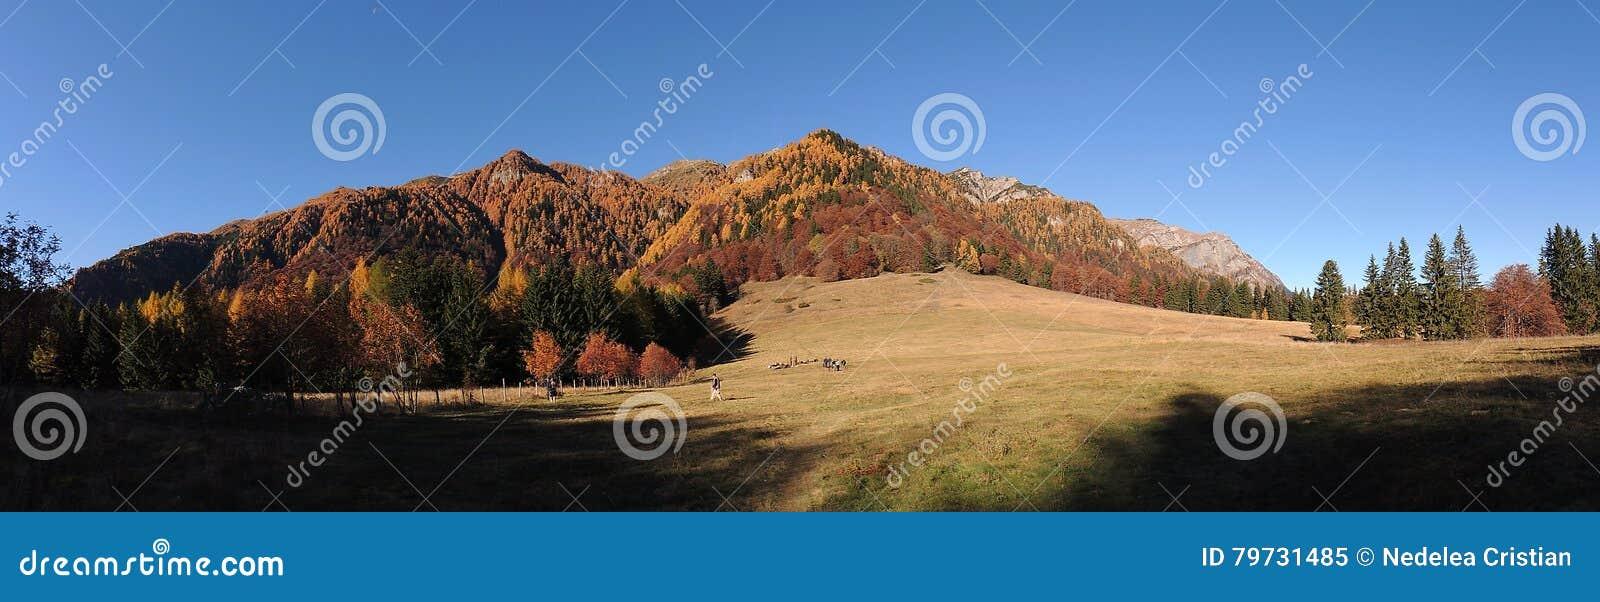 Parque nacional de Bucegi rumania